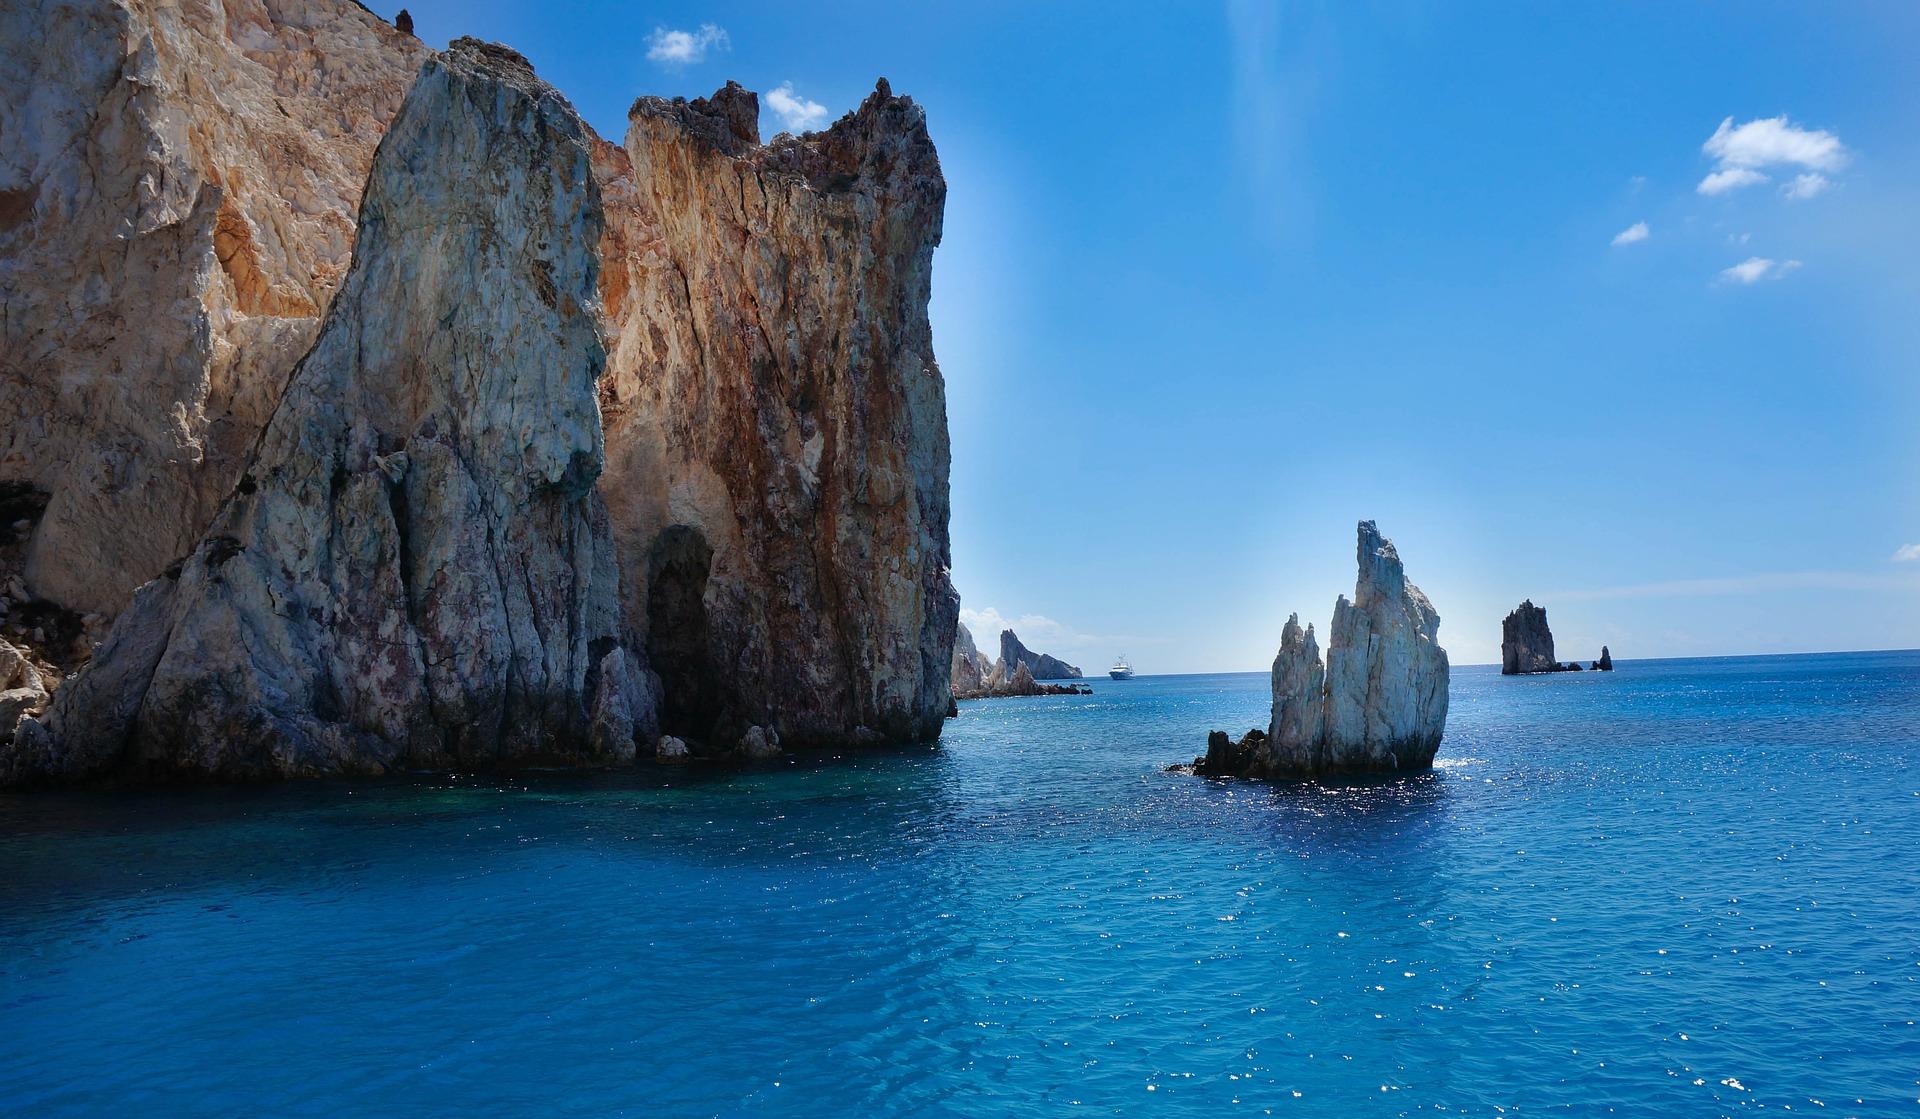 grcka. evropa, drzava, ostrva, letovanje